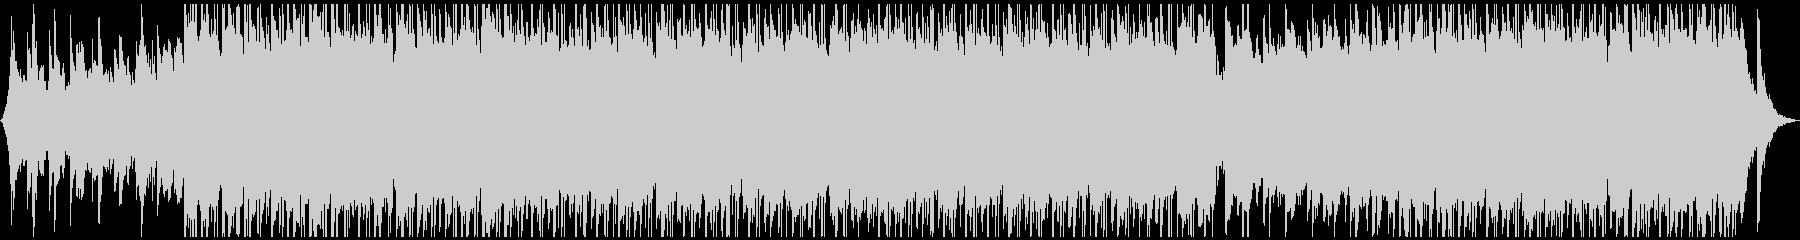 現代の交響曲 劇的な ピアノ 文字...の未再生の波形